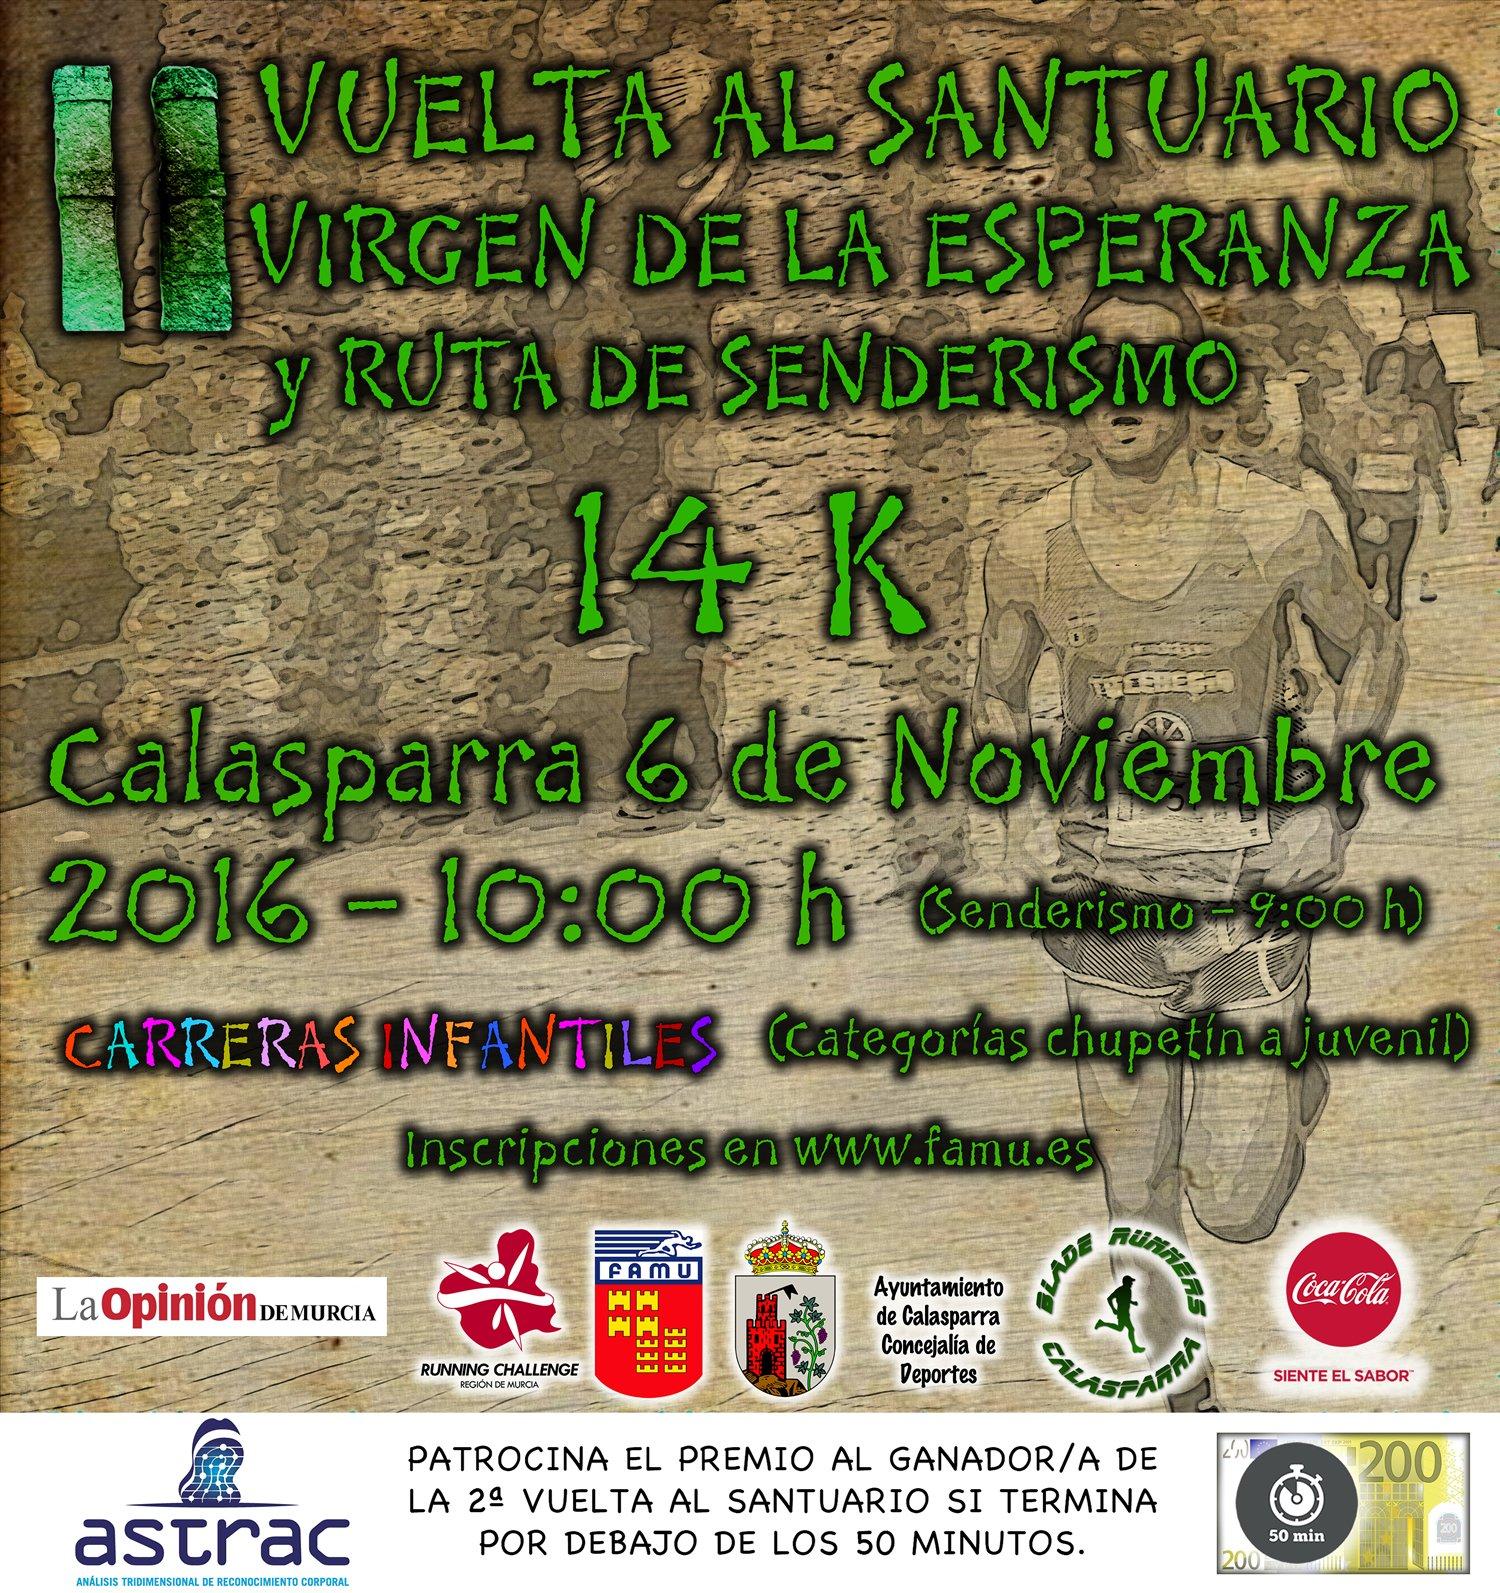 Cartel 2ª Vuelta Al Santuario Con Challenge Con Faldoncillo 200€ CORREGIDO Y Cocacola Y La Opininon 1500